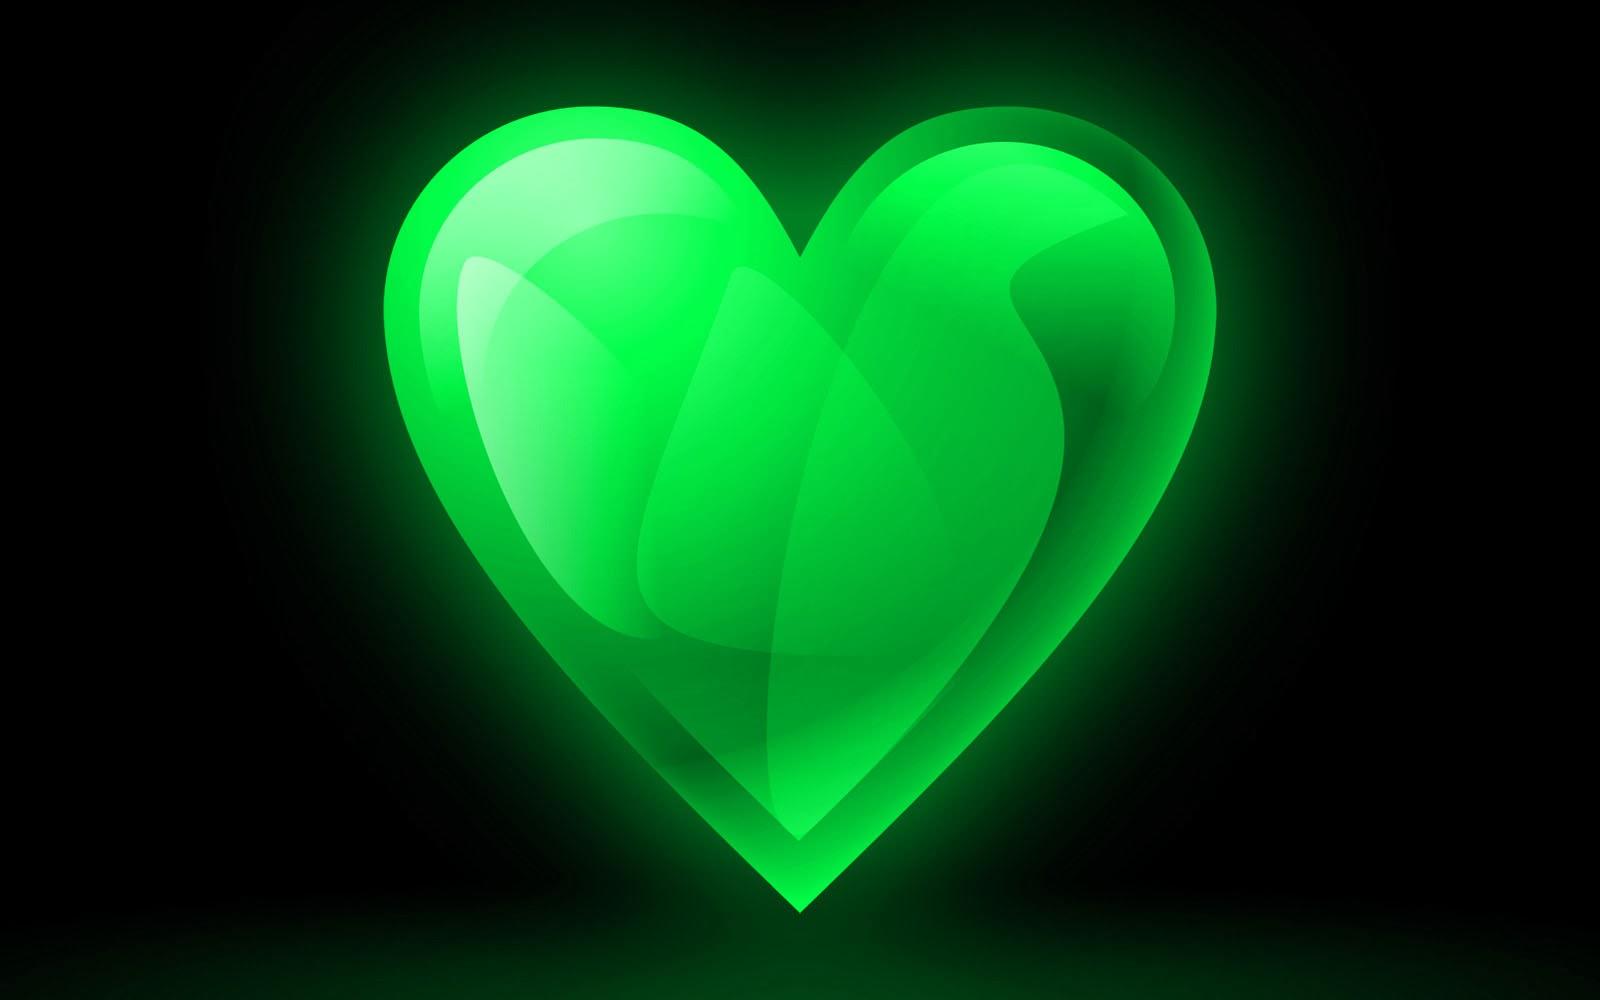 Green Heart Desktop Wallpapers Green Heart Desktop Backgrounds Green 1600x1000